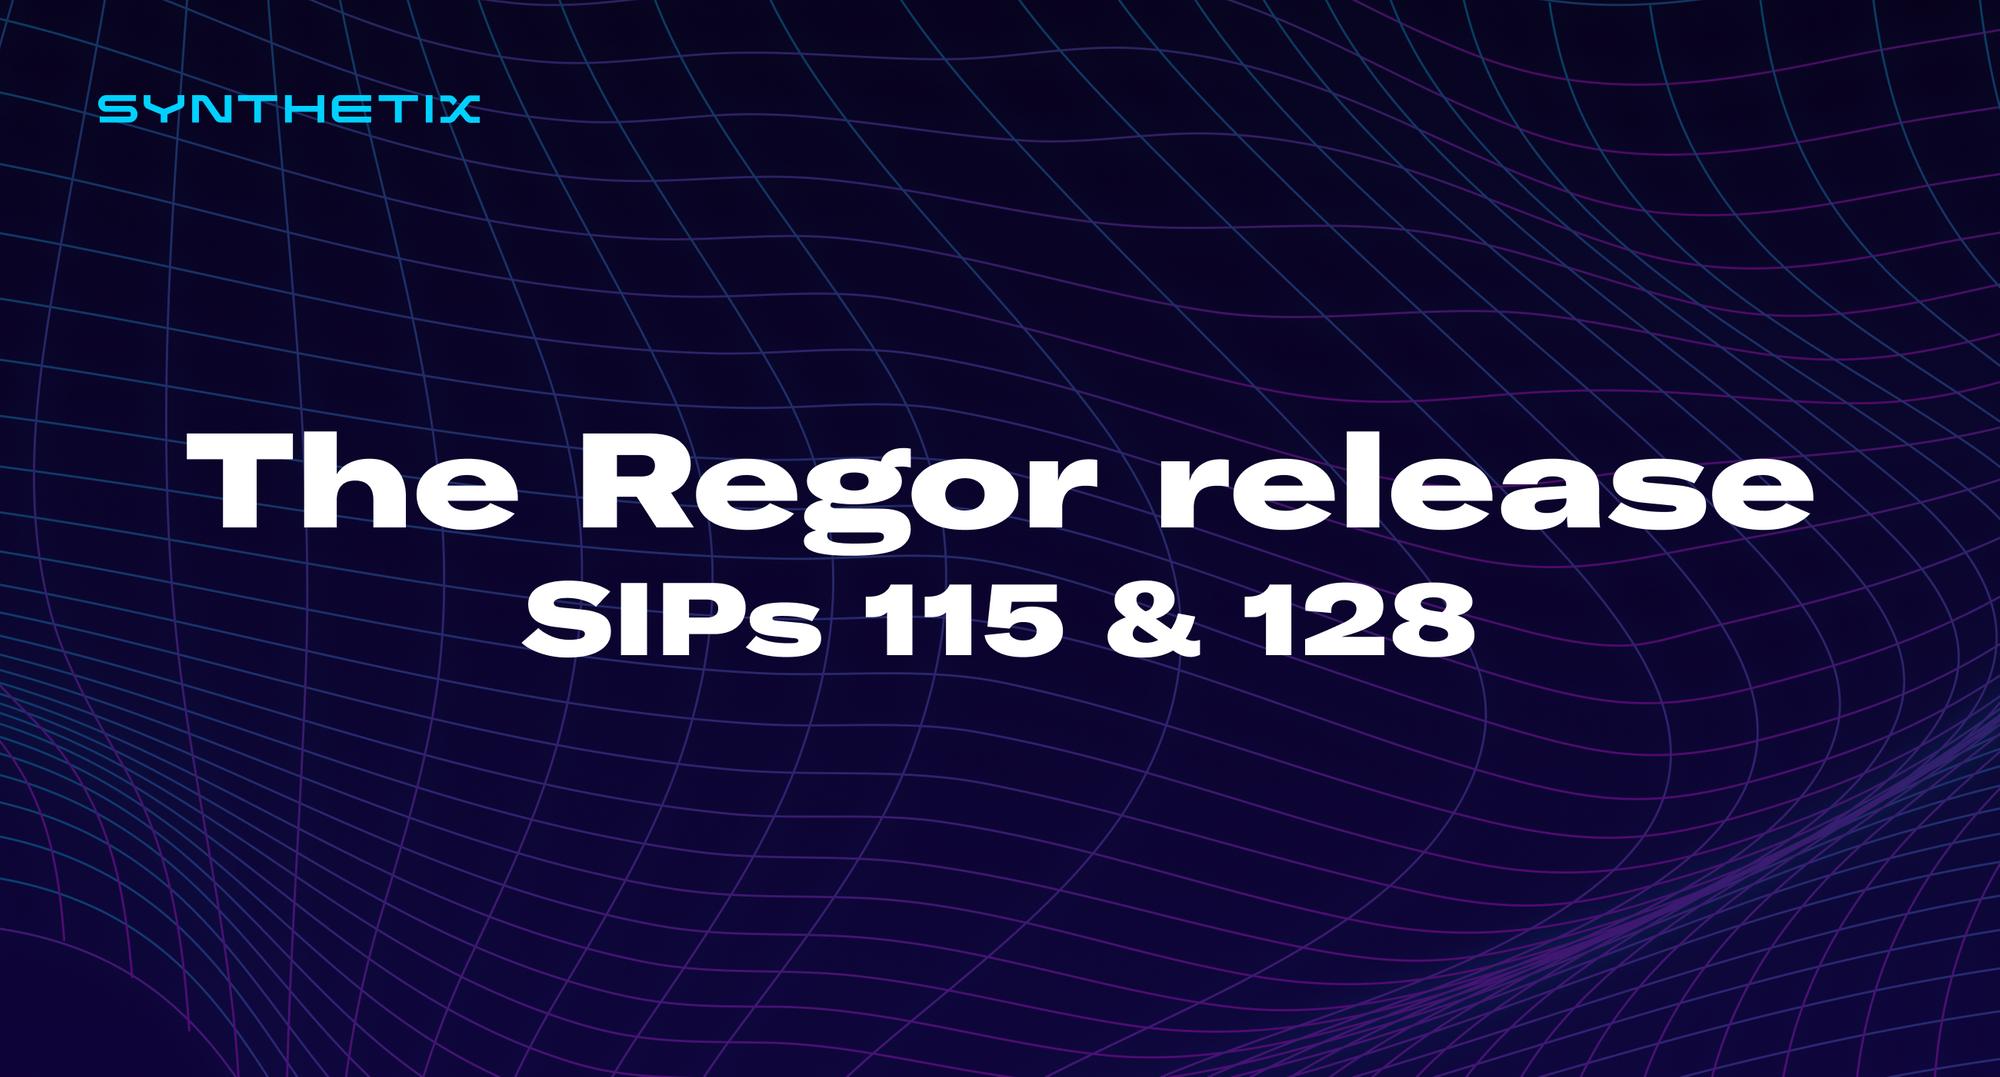 The Regor release